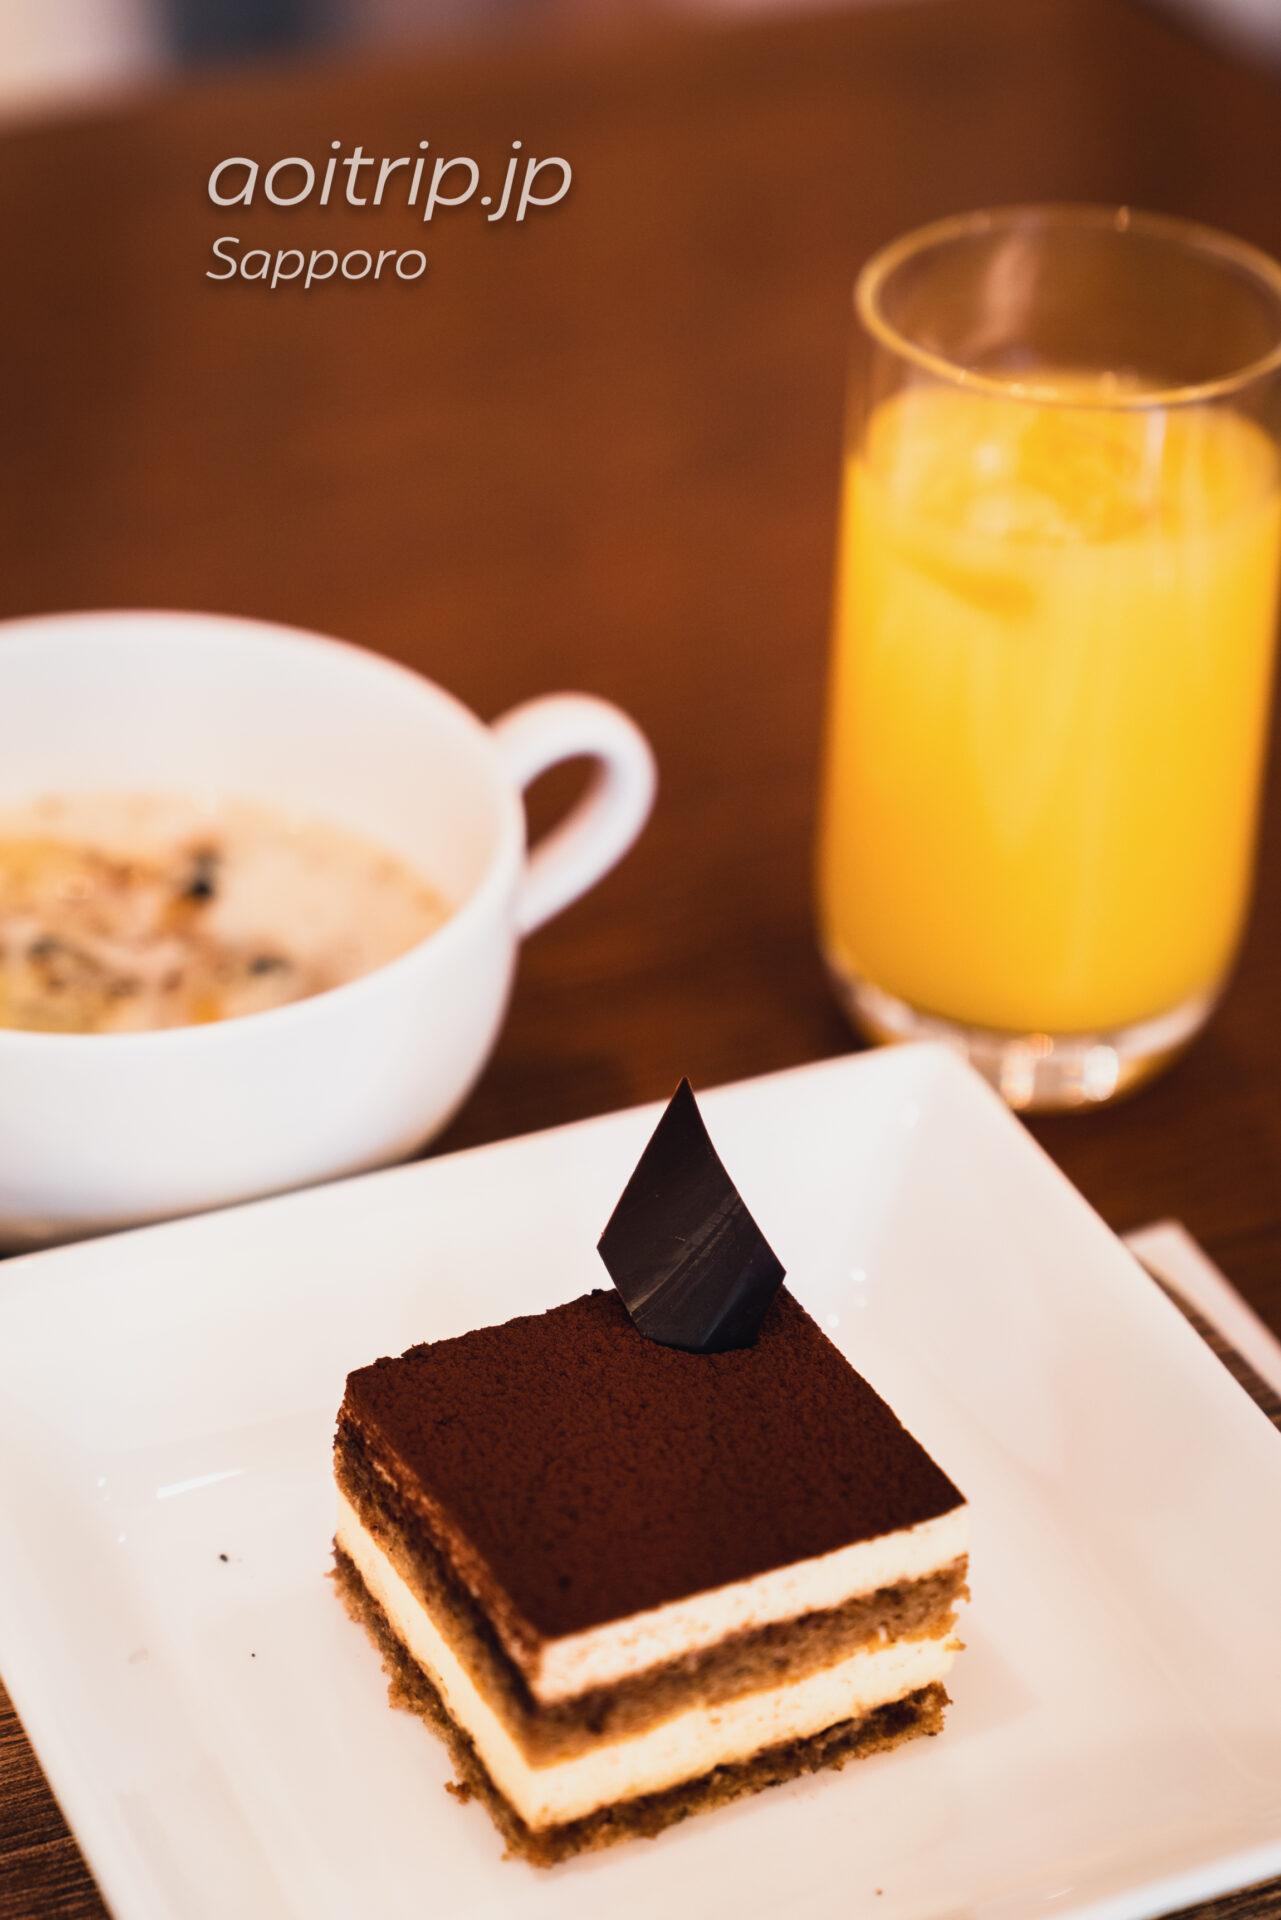 プレミアホテル中島公園 札幌 ビストロ ラ・プロヴァンスの朝食 ティラミス